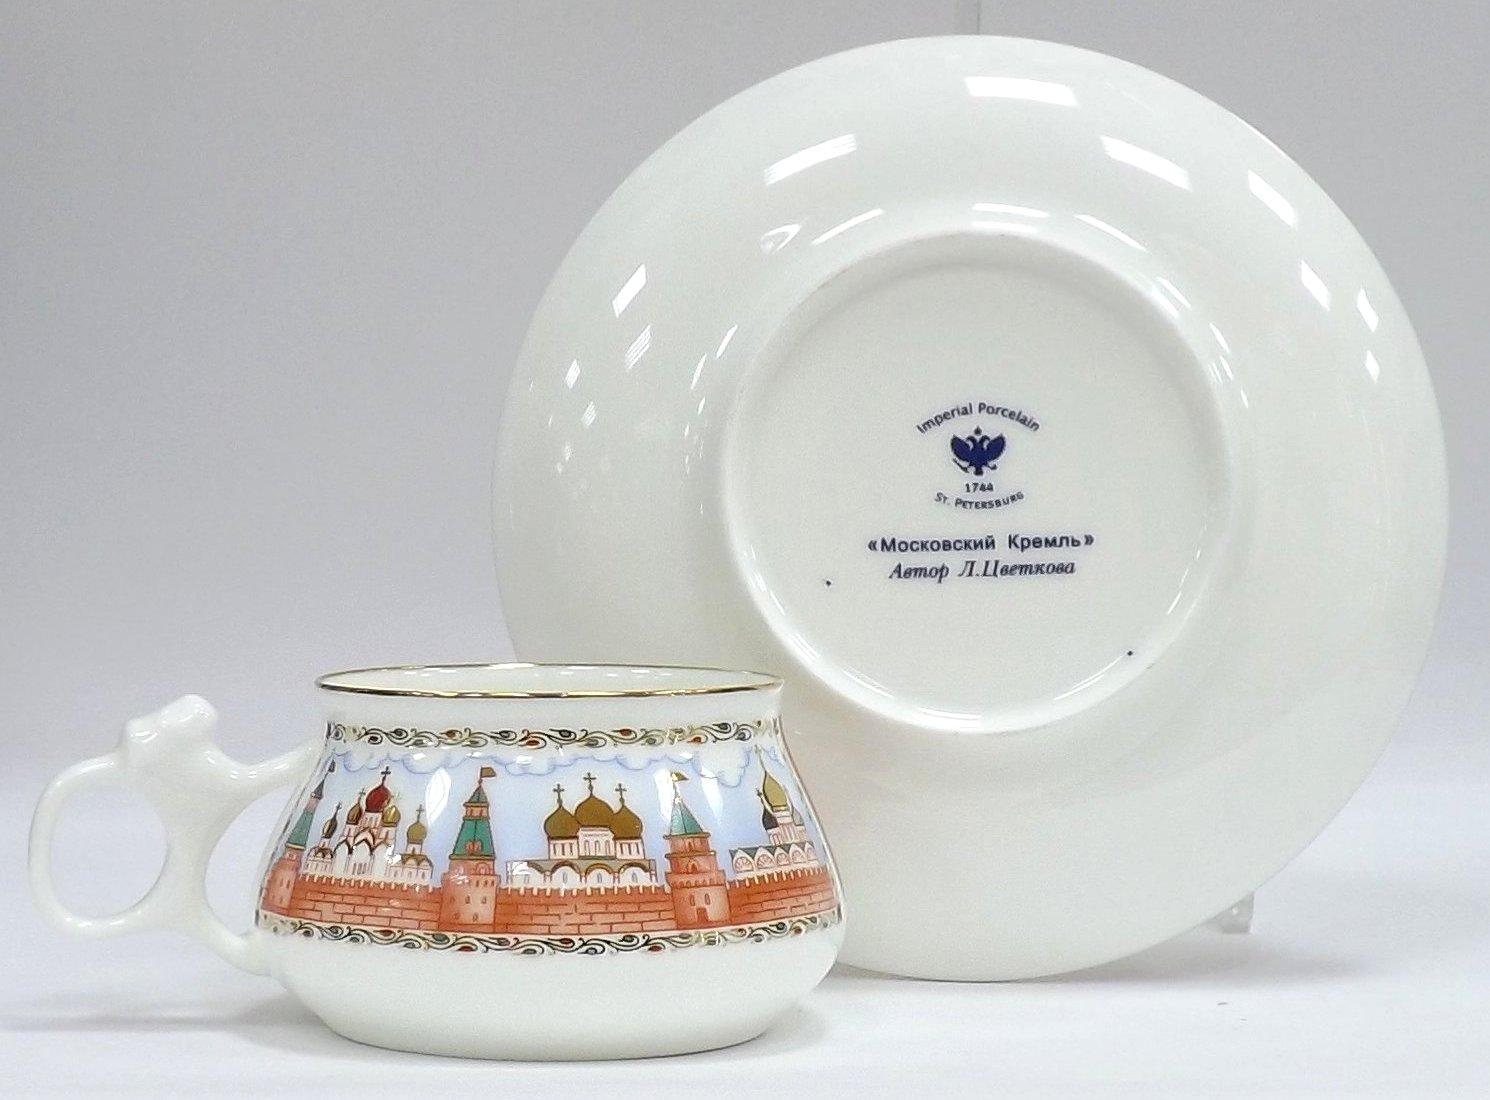 Чашка с блюдцем «Московский Кремль» — форма Билибина — от ИФЗ